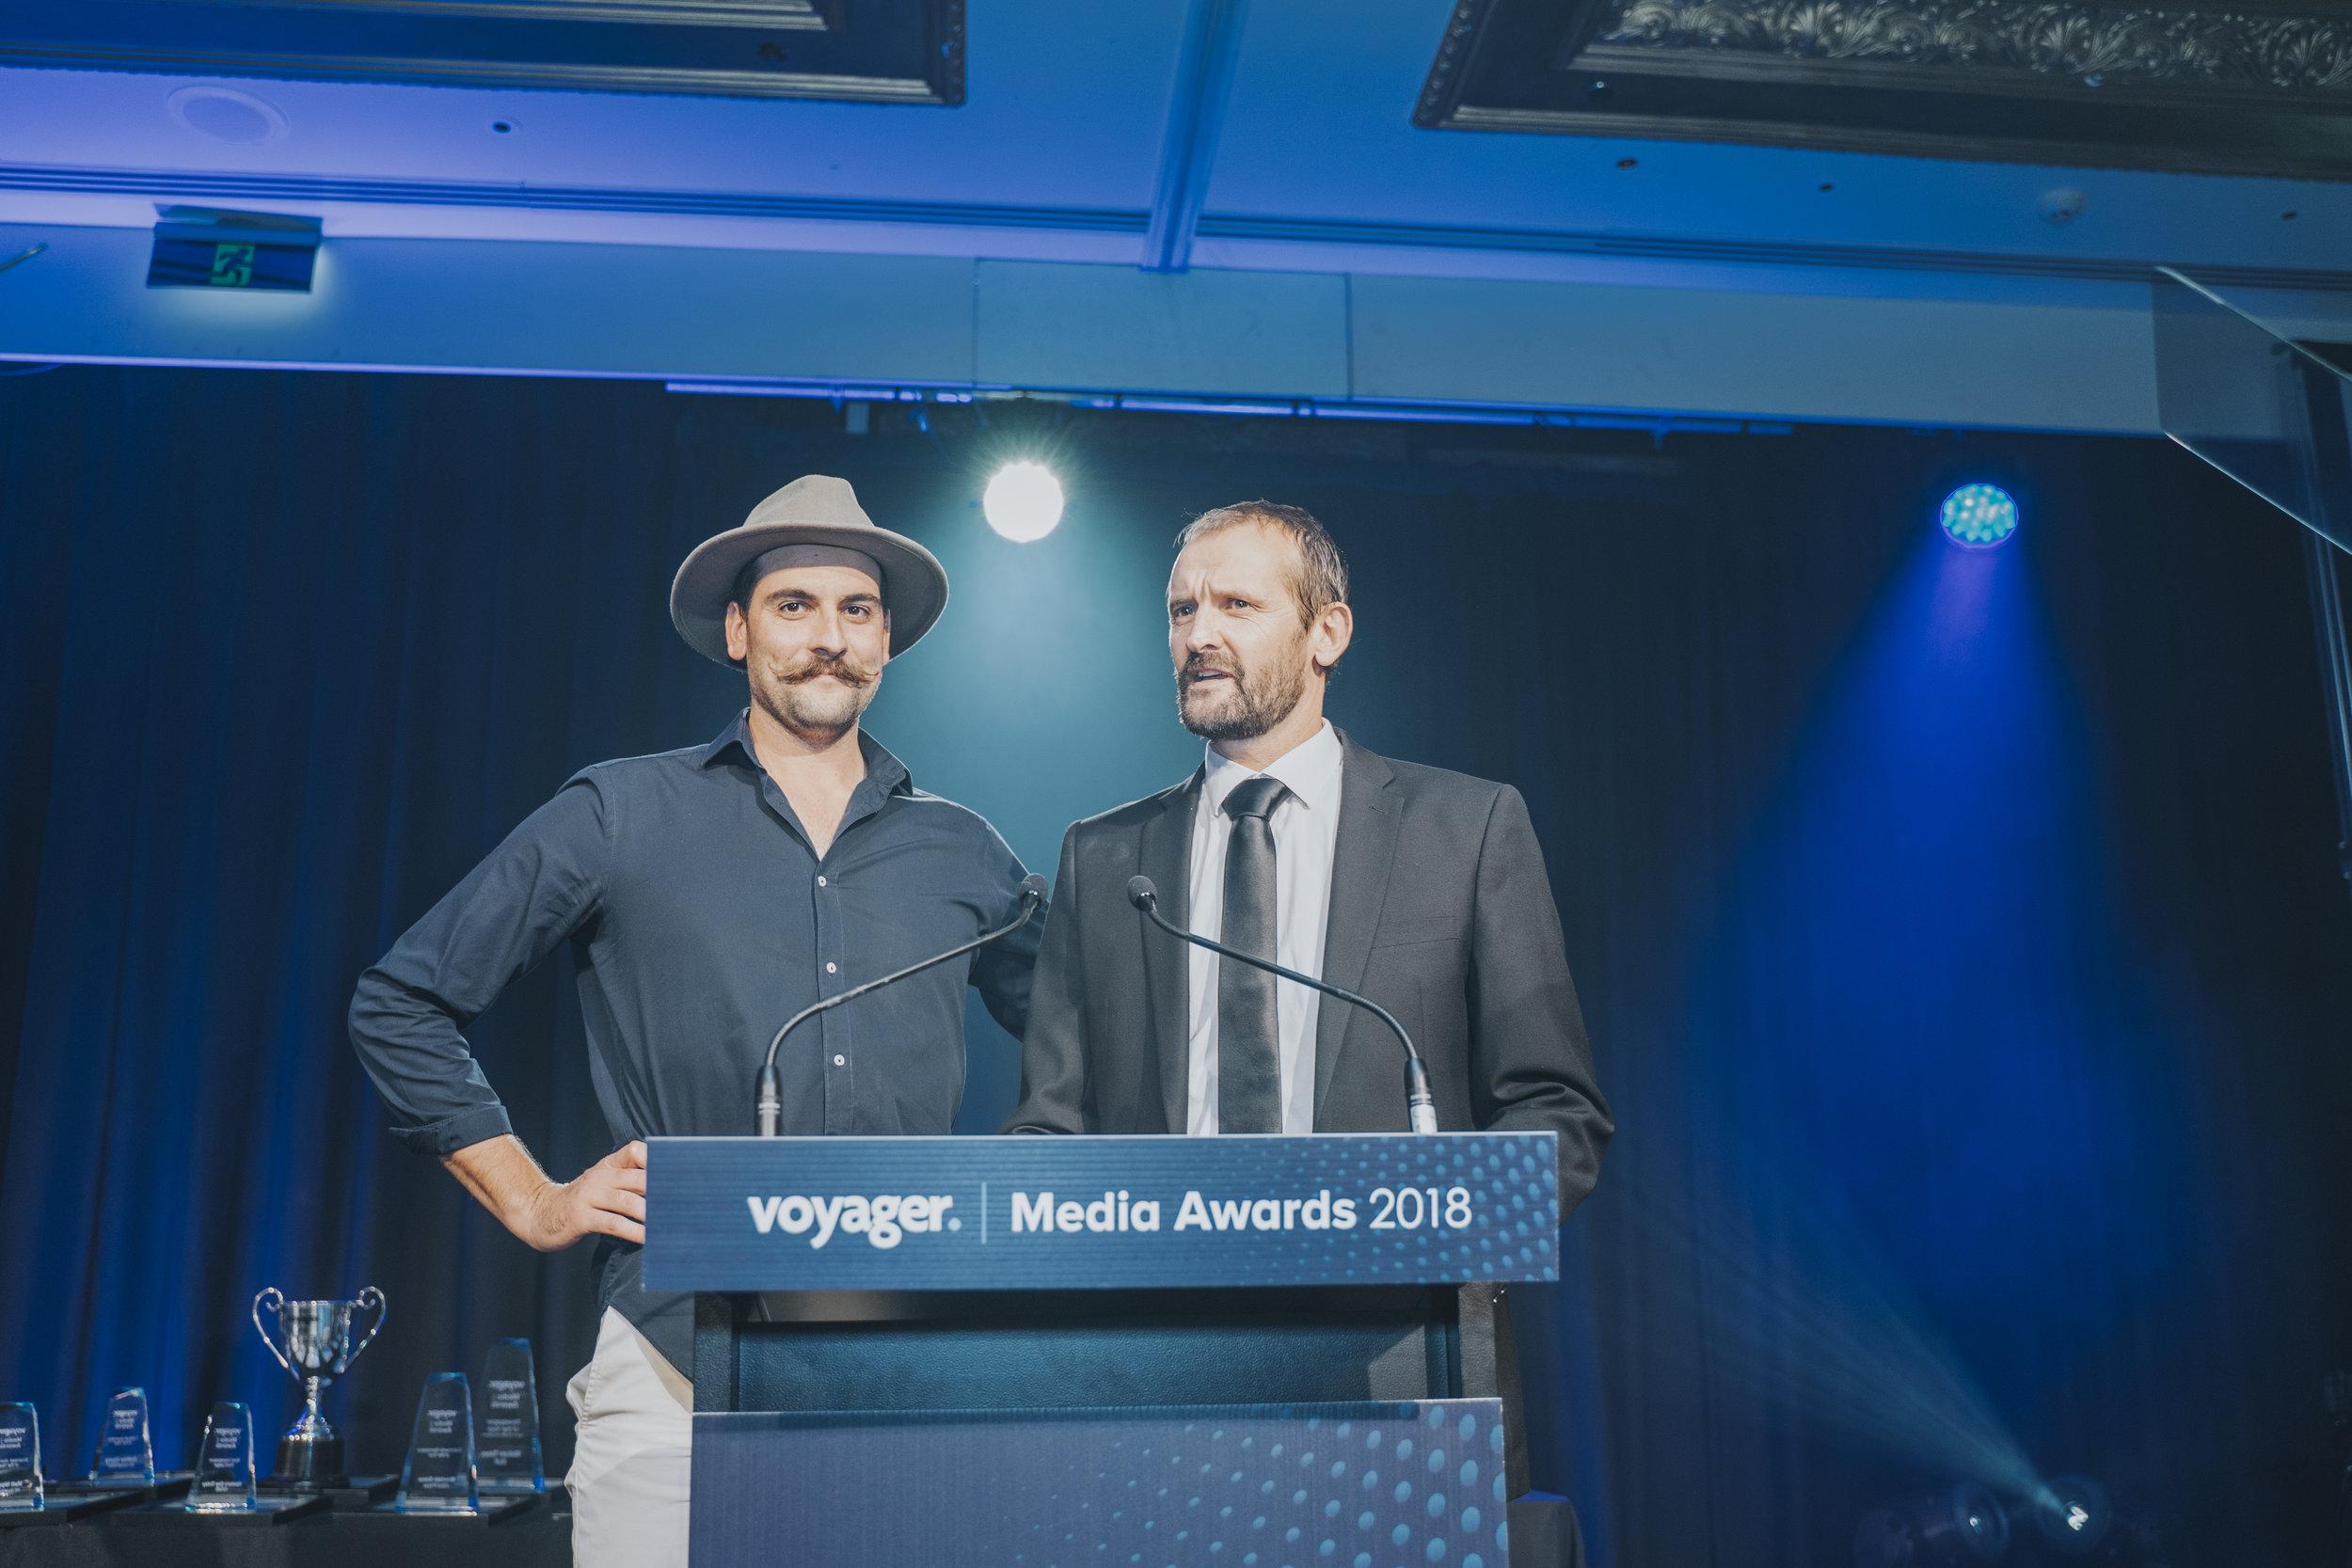 Voyager Media Awards 2018-204.JPG